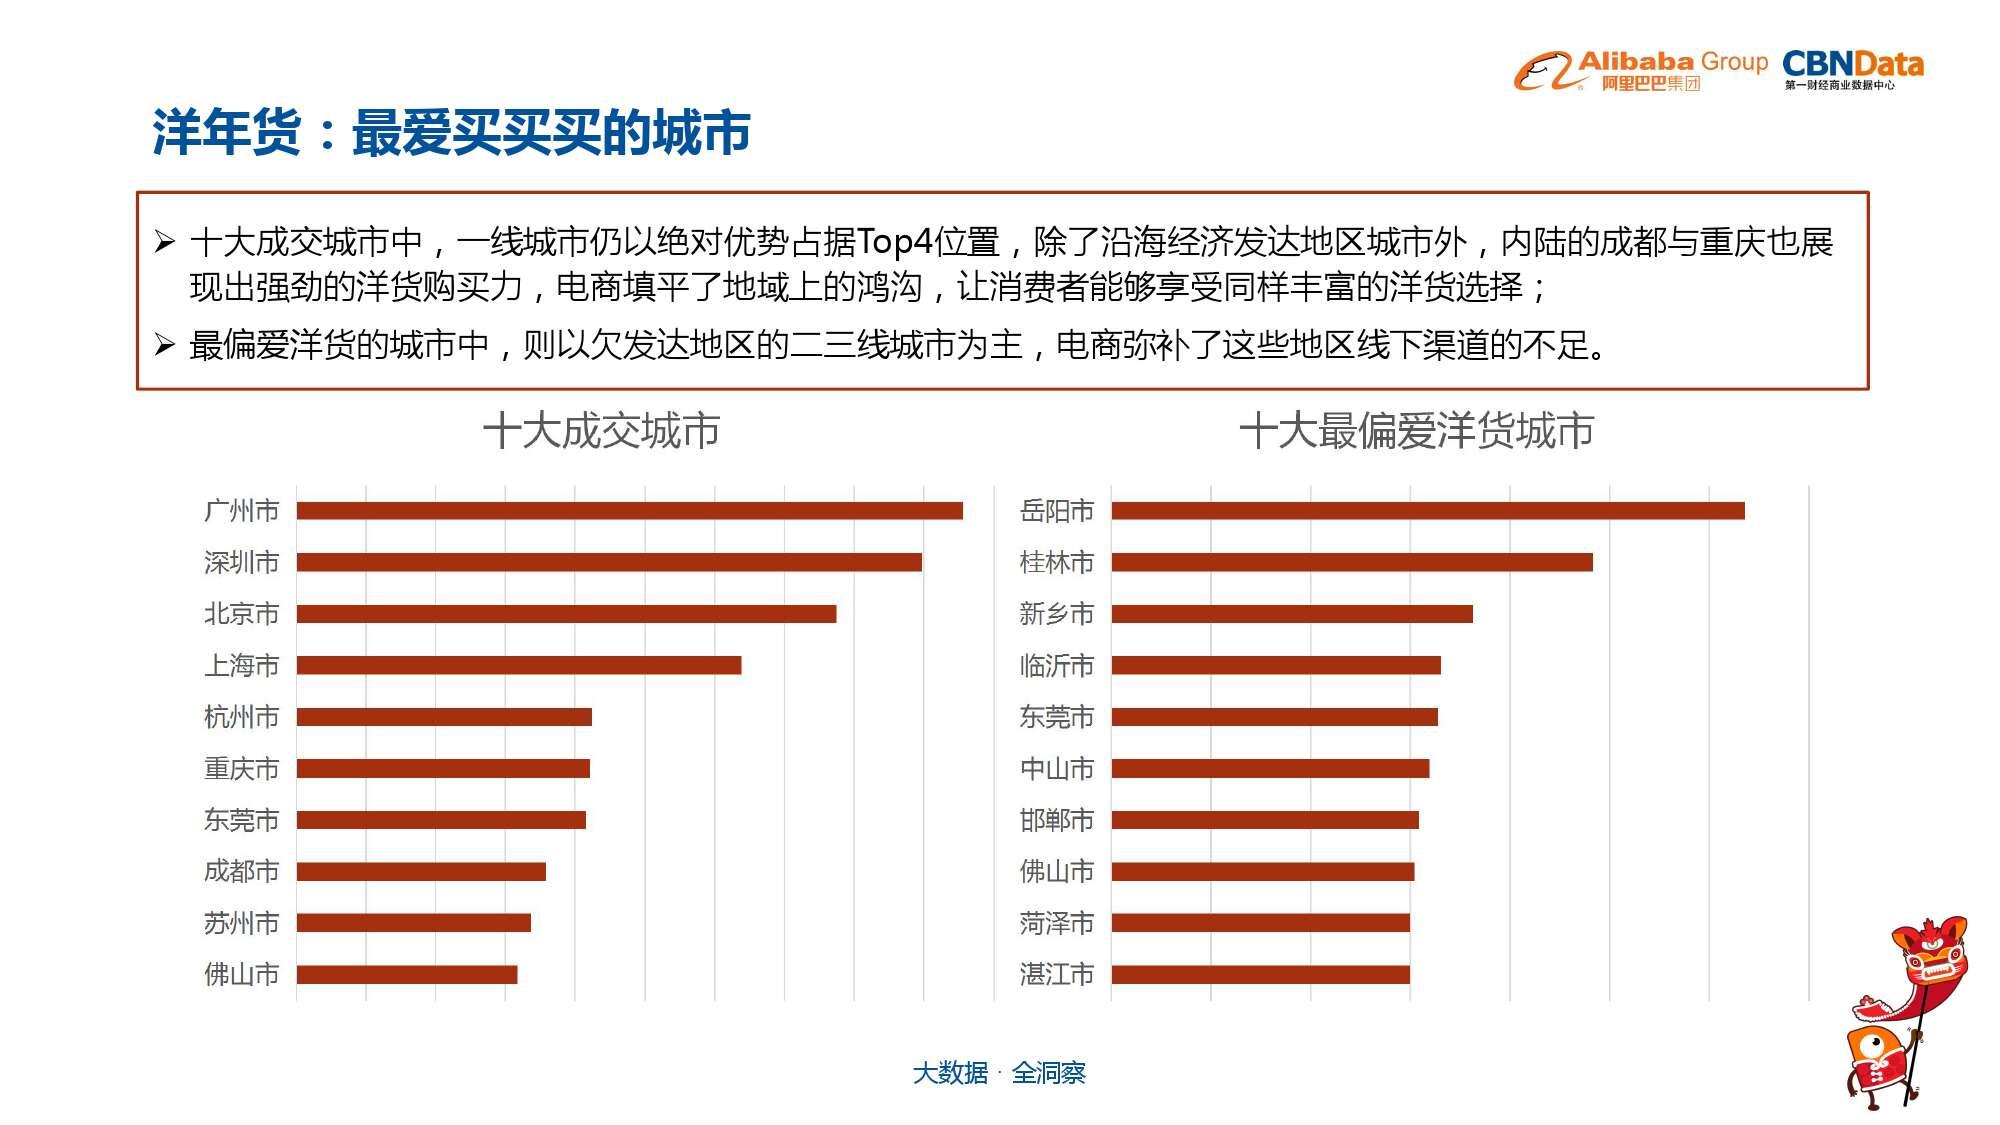 中国年货大数据报告_000029